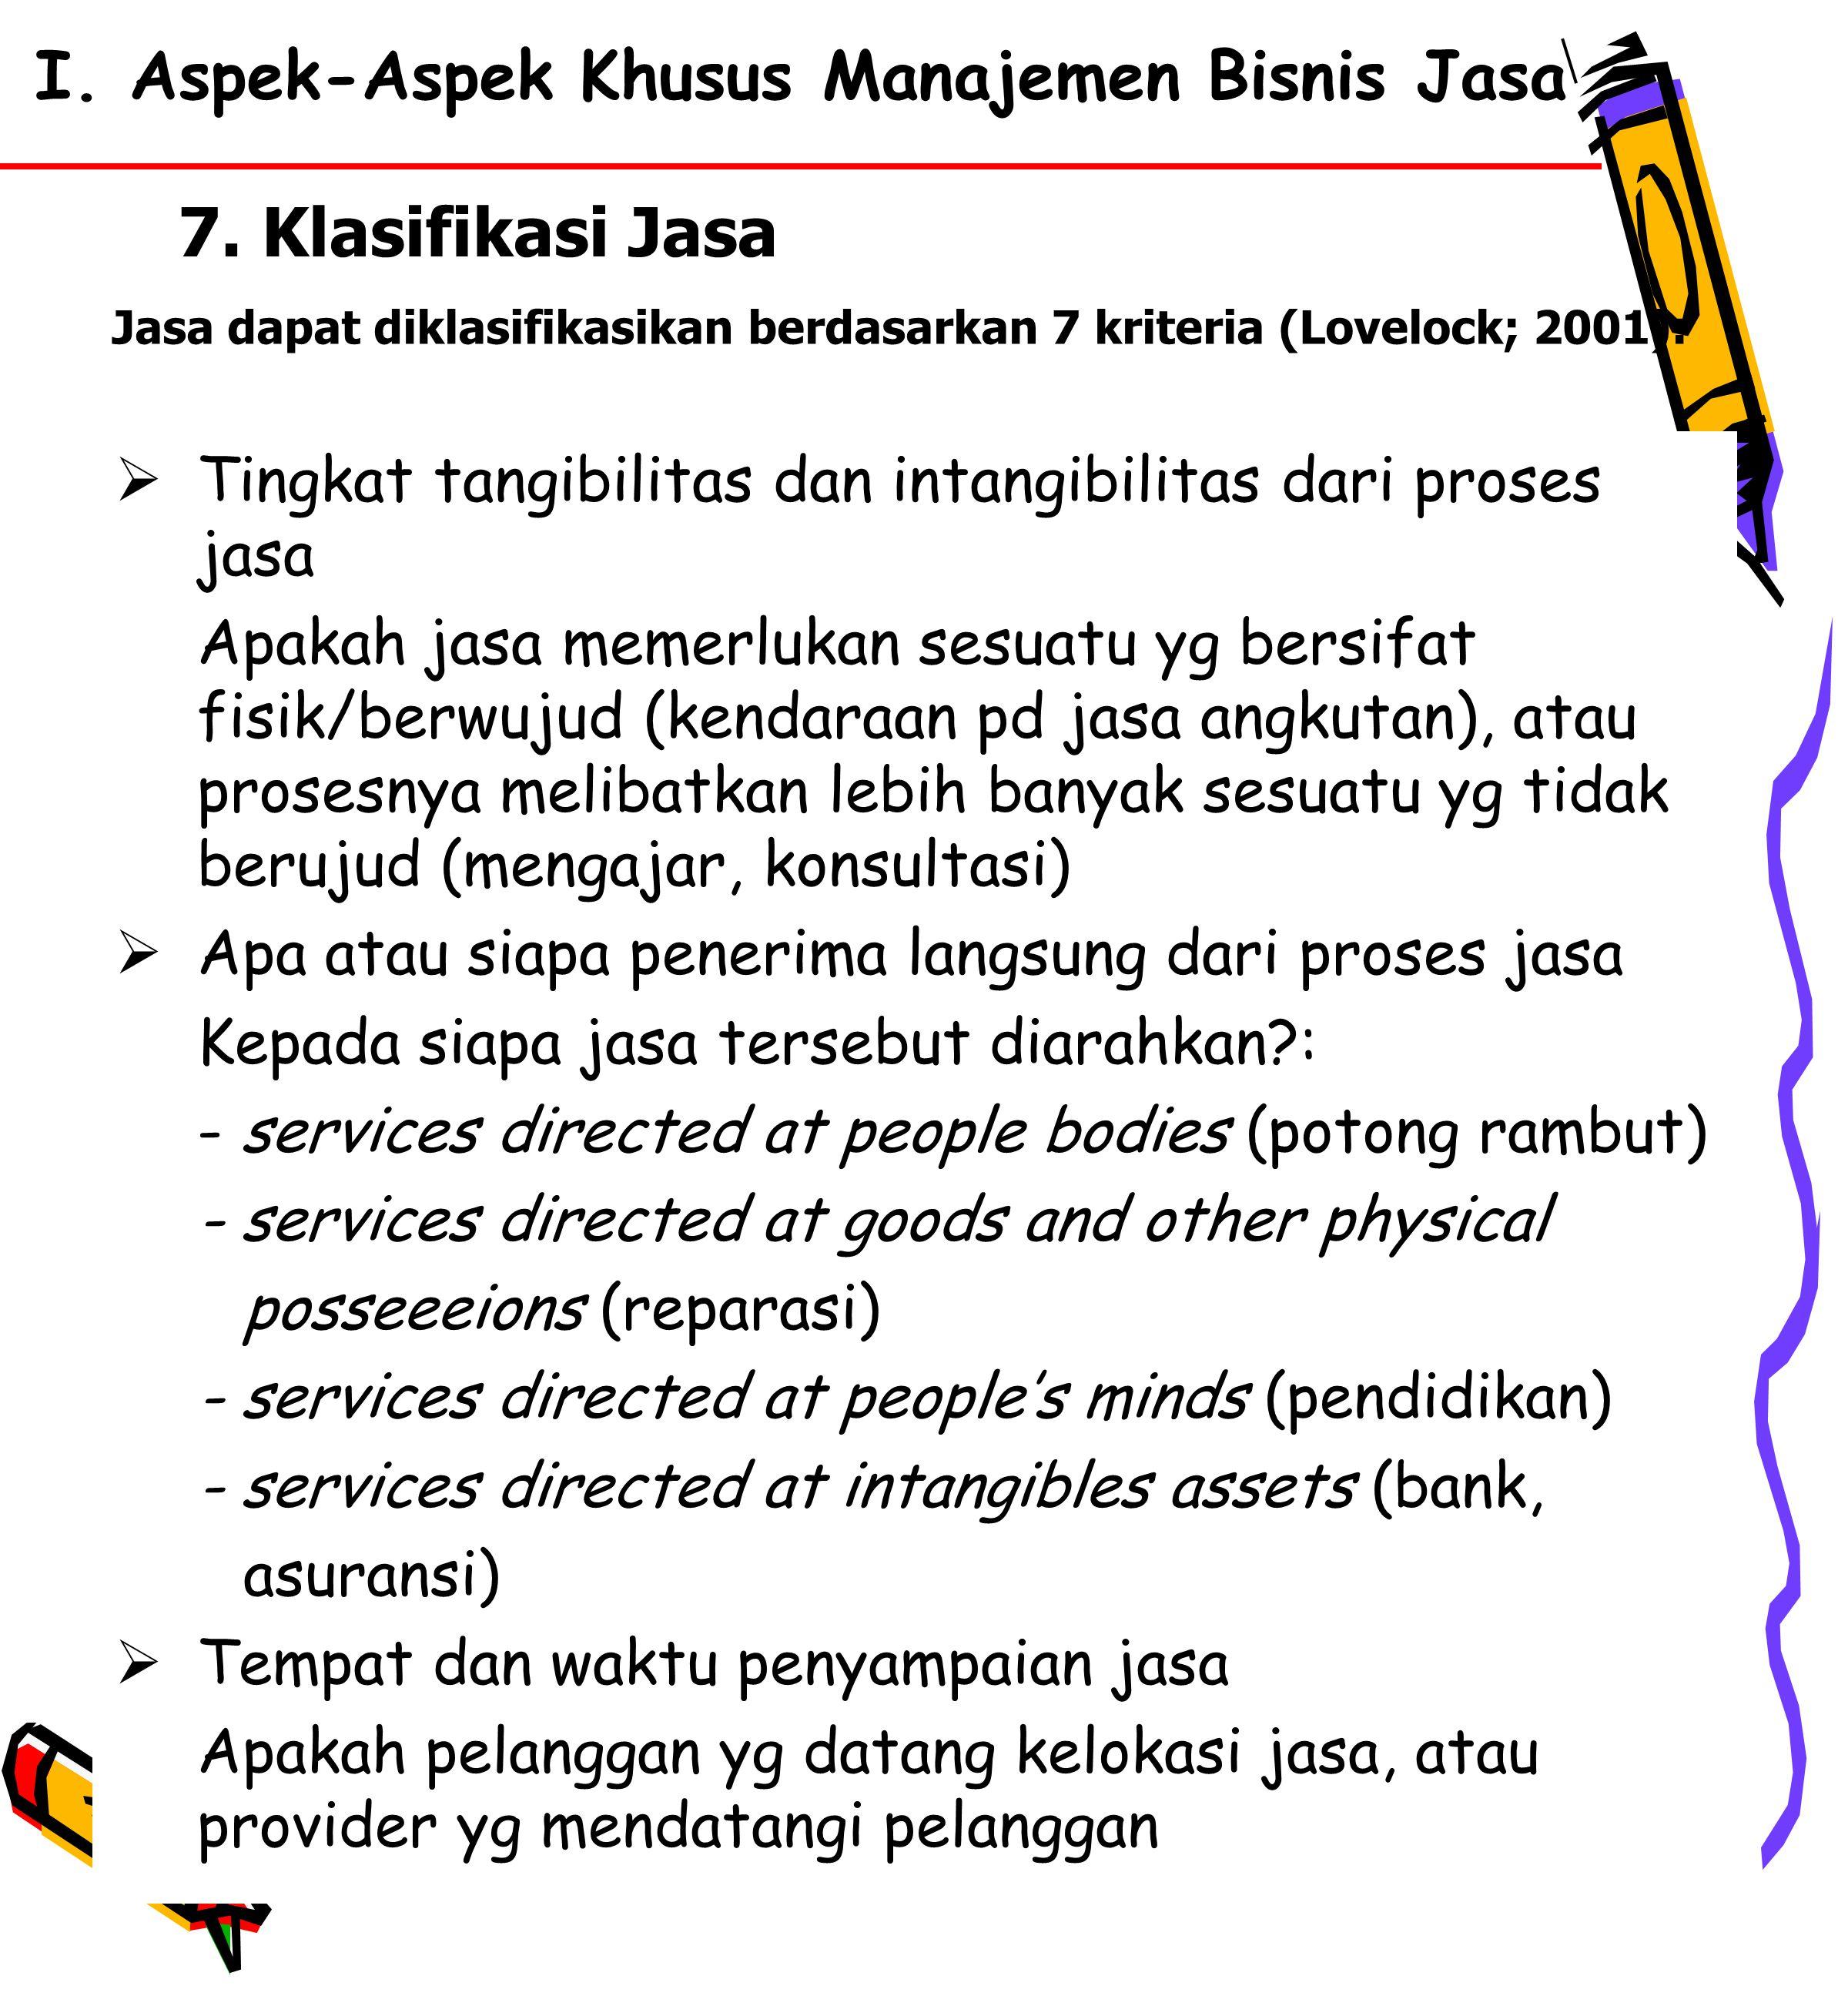 I. Aspek-Aspek Khusus Manajemen Bisnis Jasa